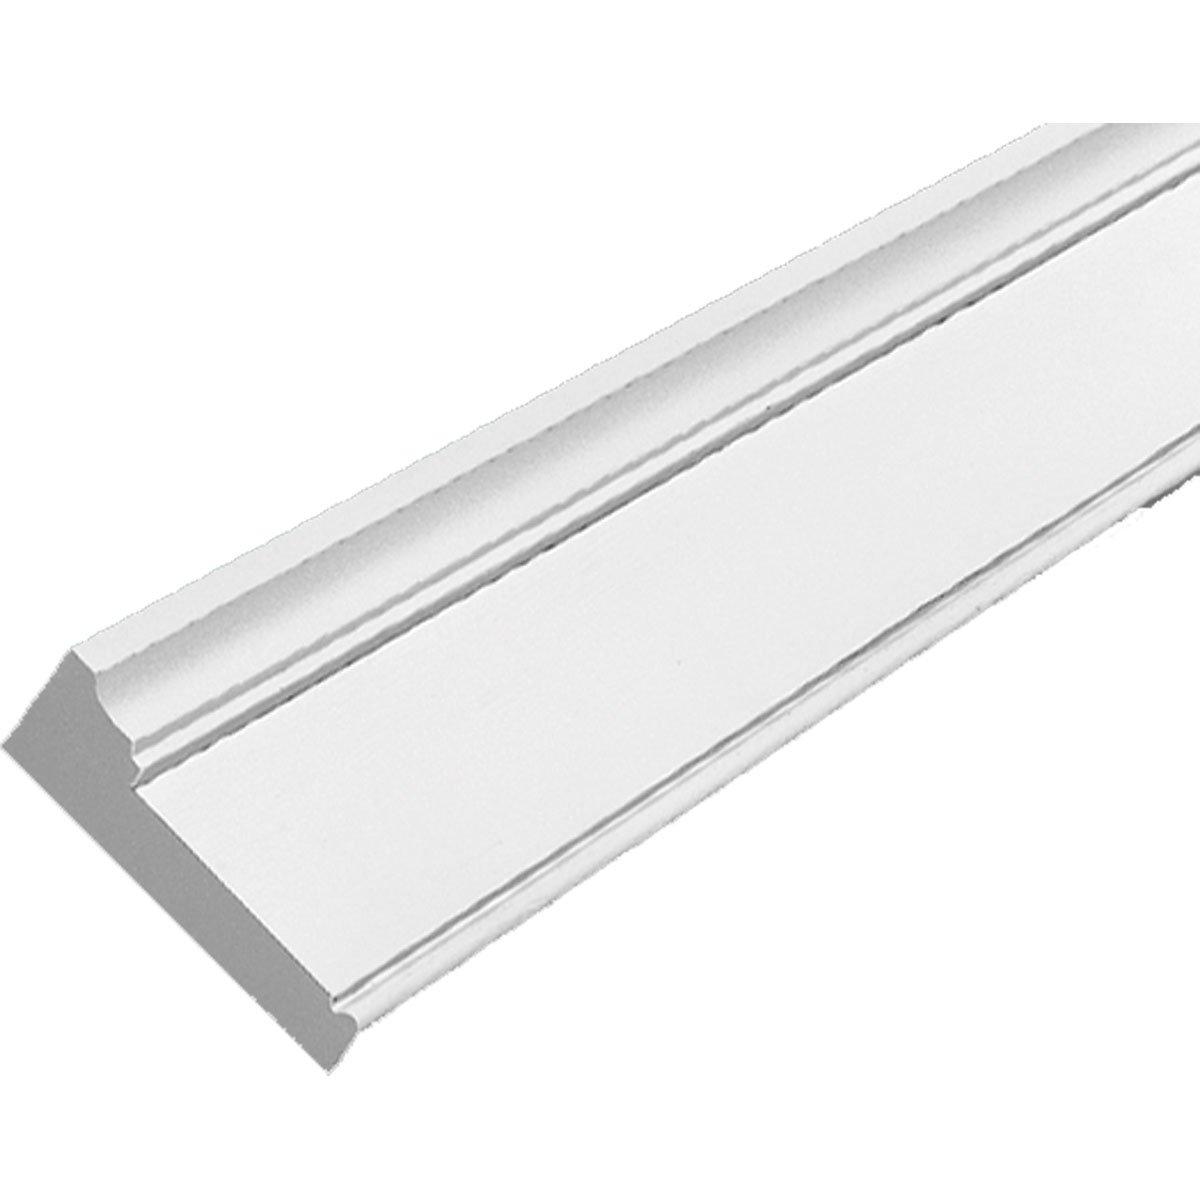 5 1/2''W x 2''P, 16' Length, Door/Window Moulding